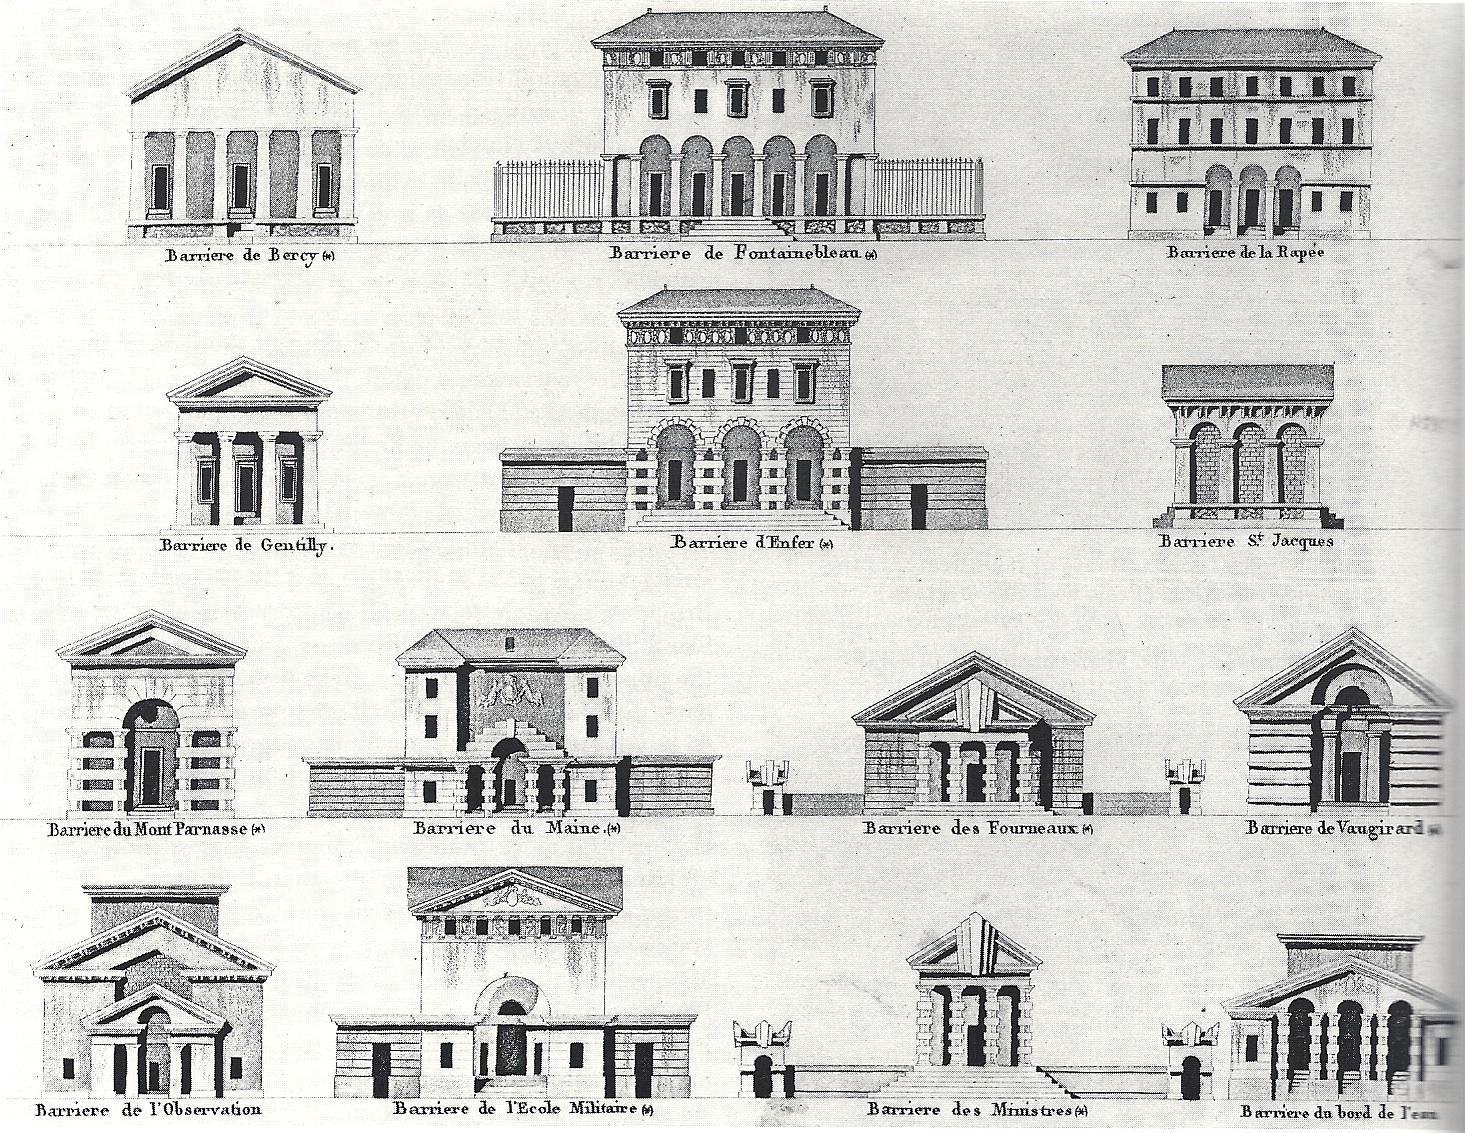 르두 Claude Nicolas Ledoux Paris Barriere Neoclassical Architecture Architecture Drawing Facade Design